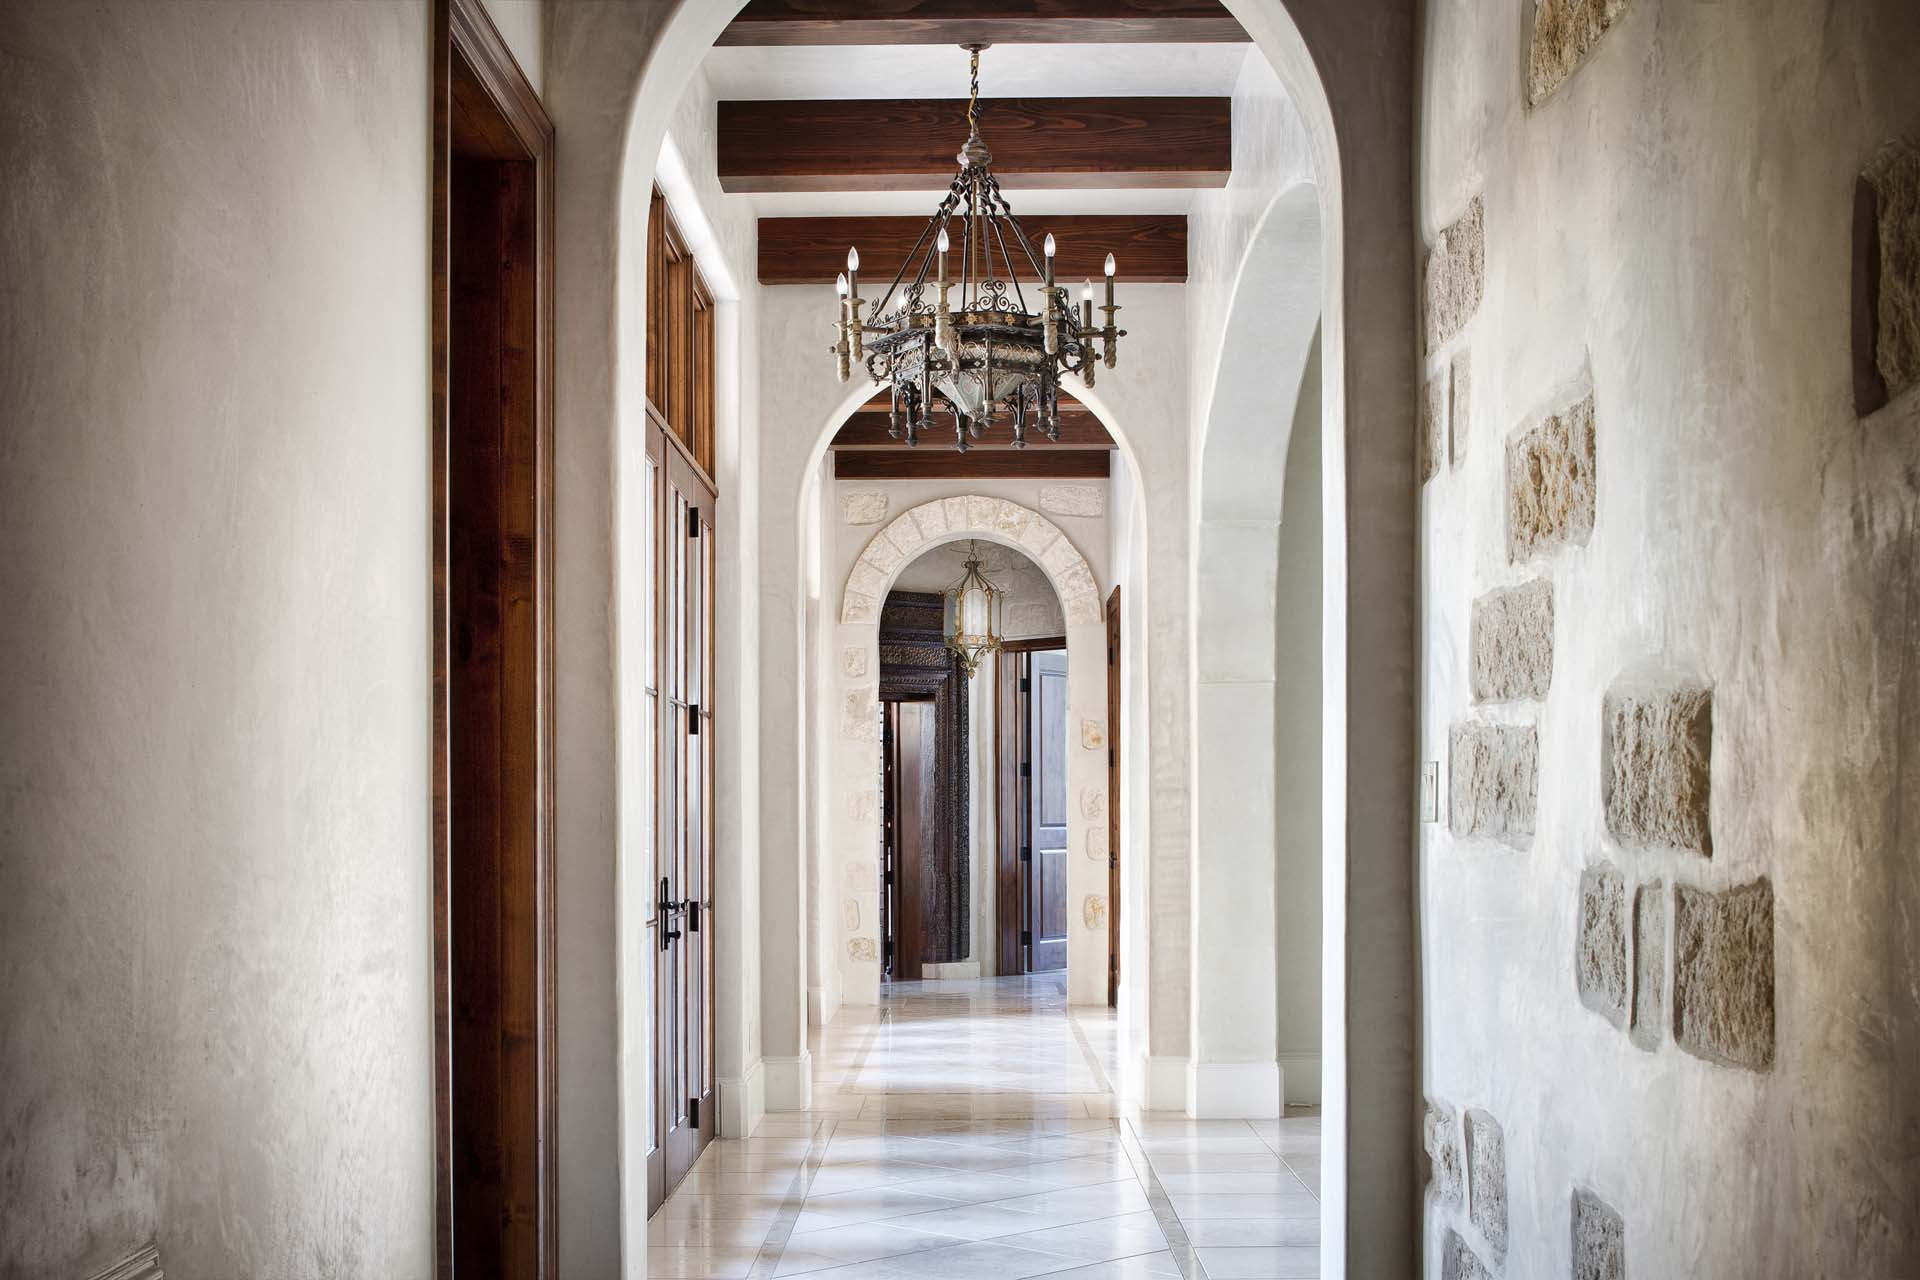 Marsilli Villa Ascosa Gallery